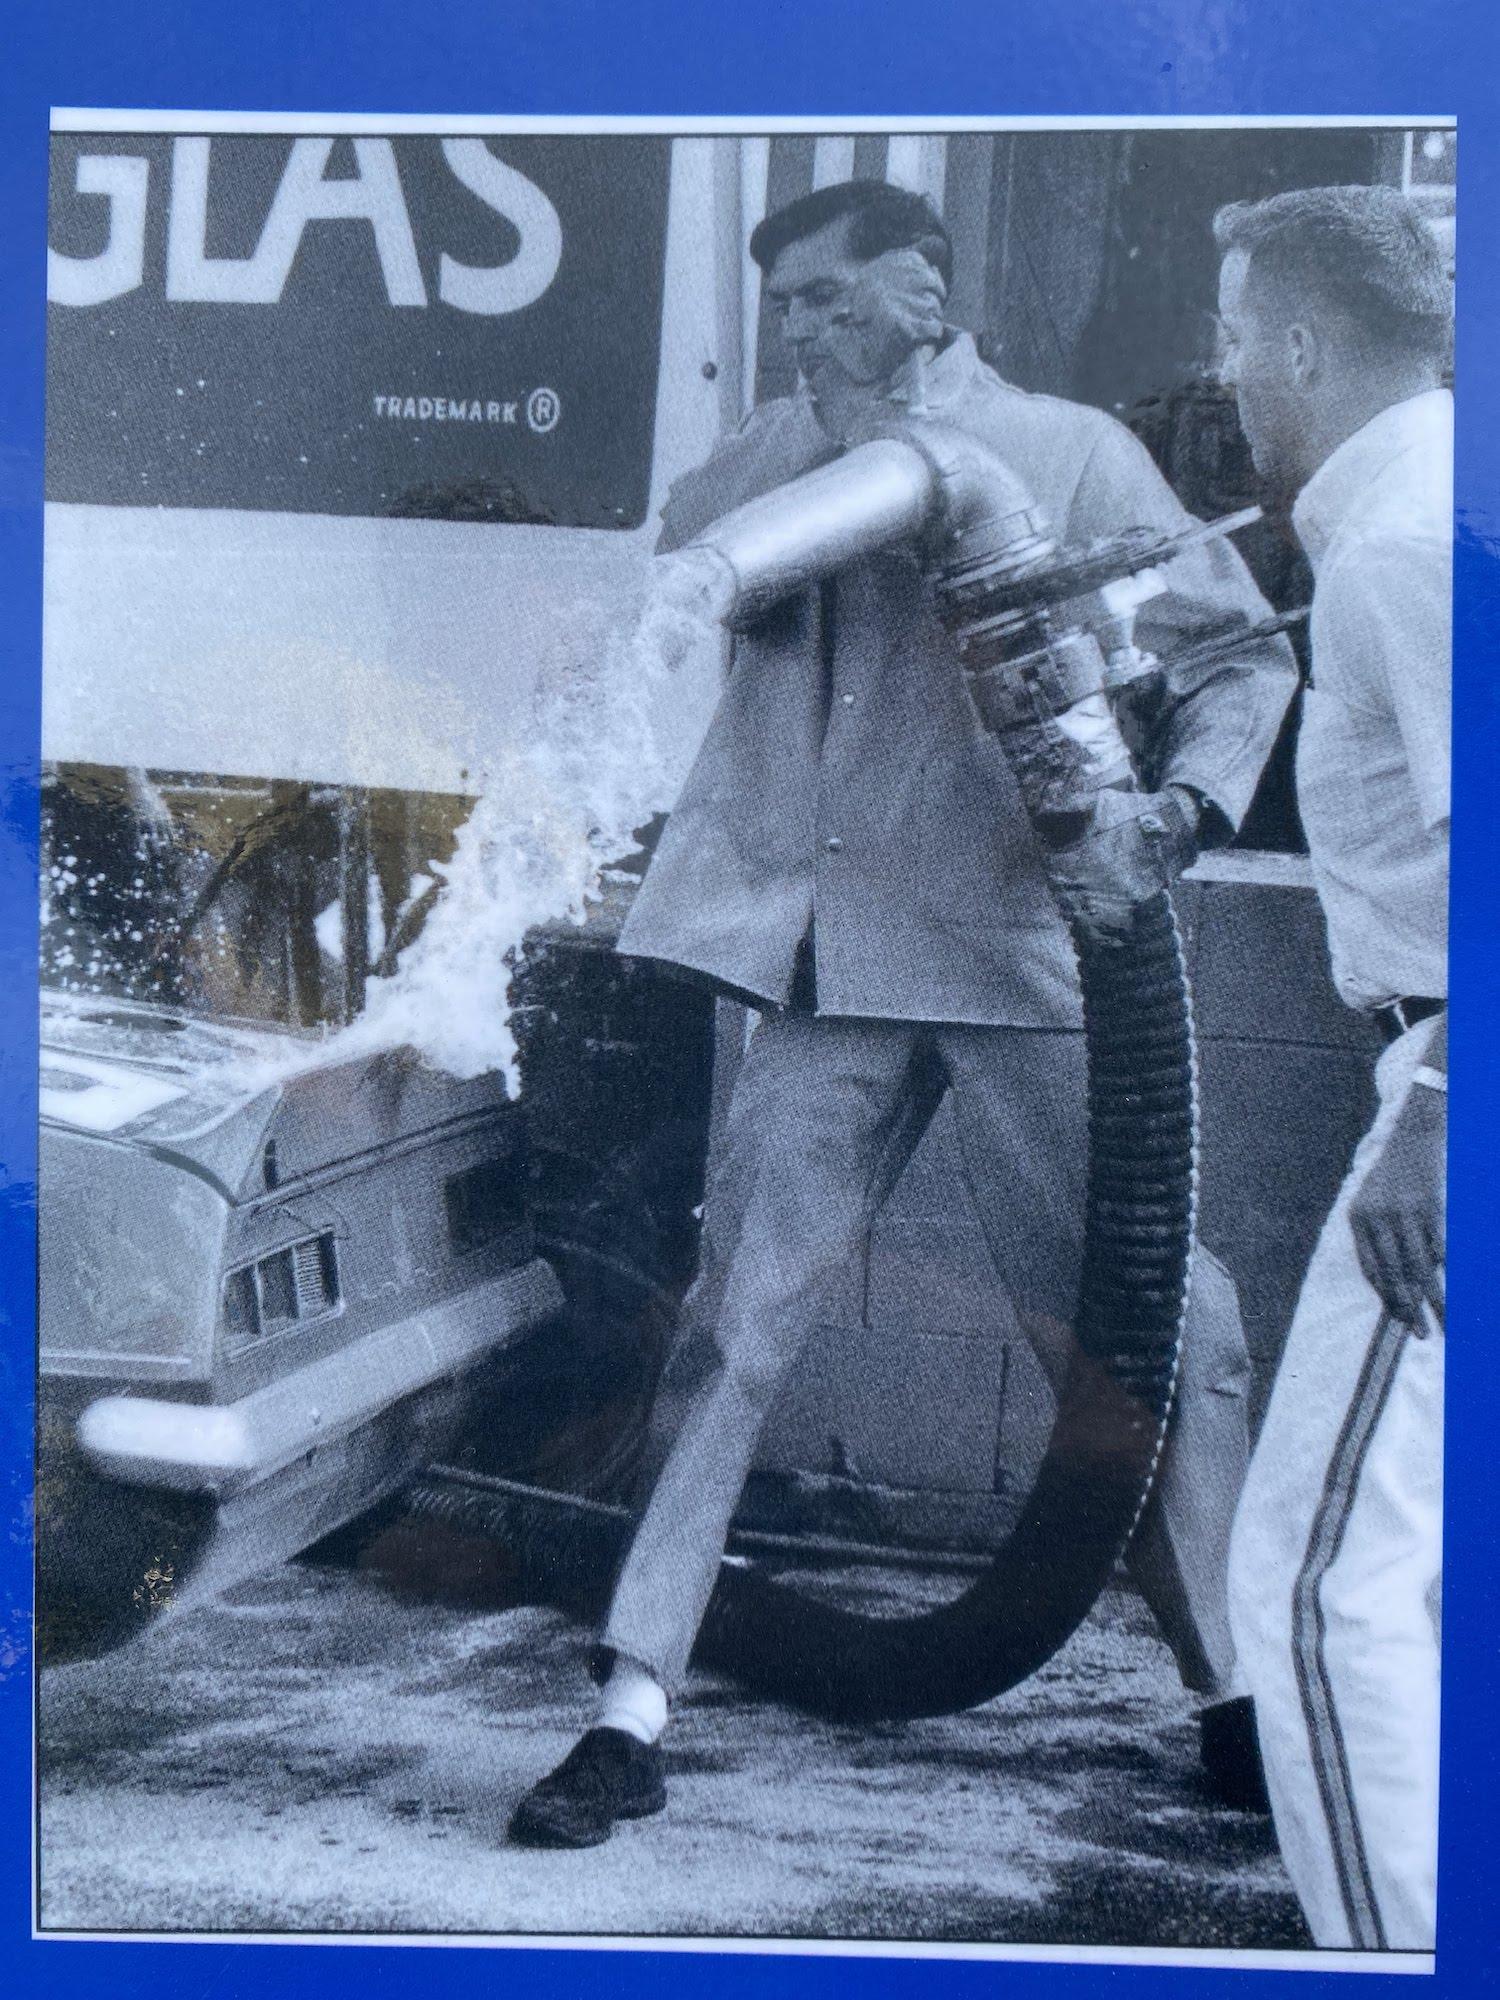 penske pump spills gasoline